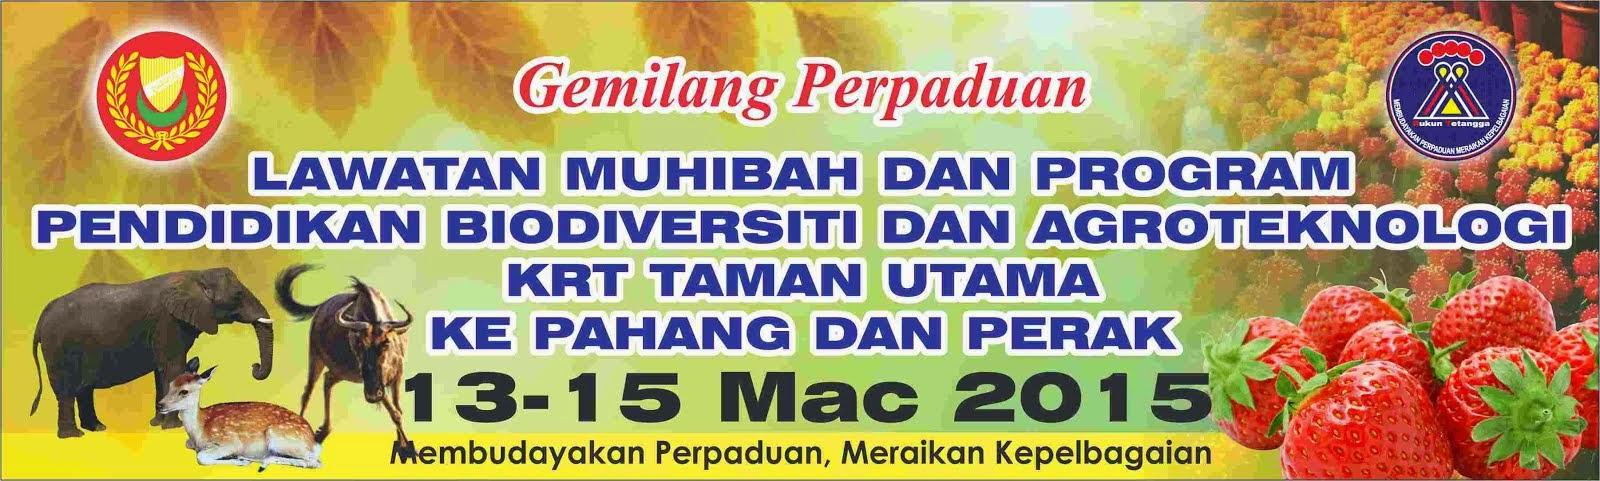 Program Pendidikan Biodiversiti Dan Agroteknologi